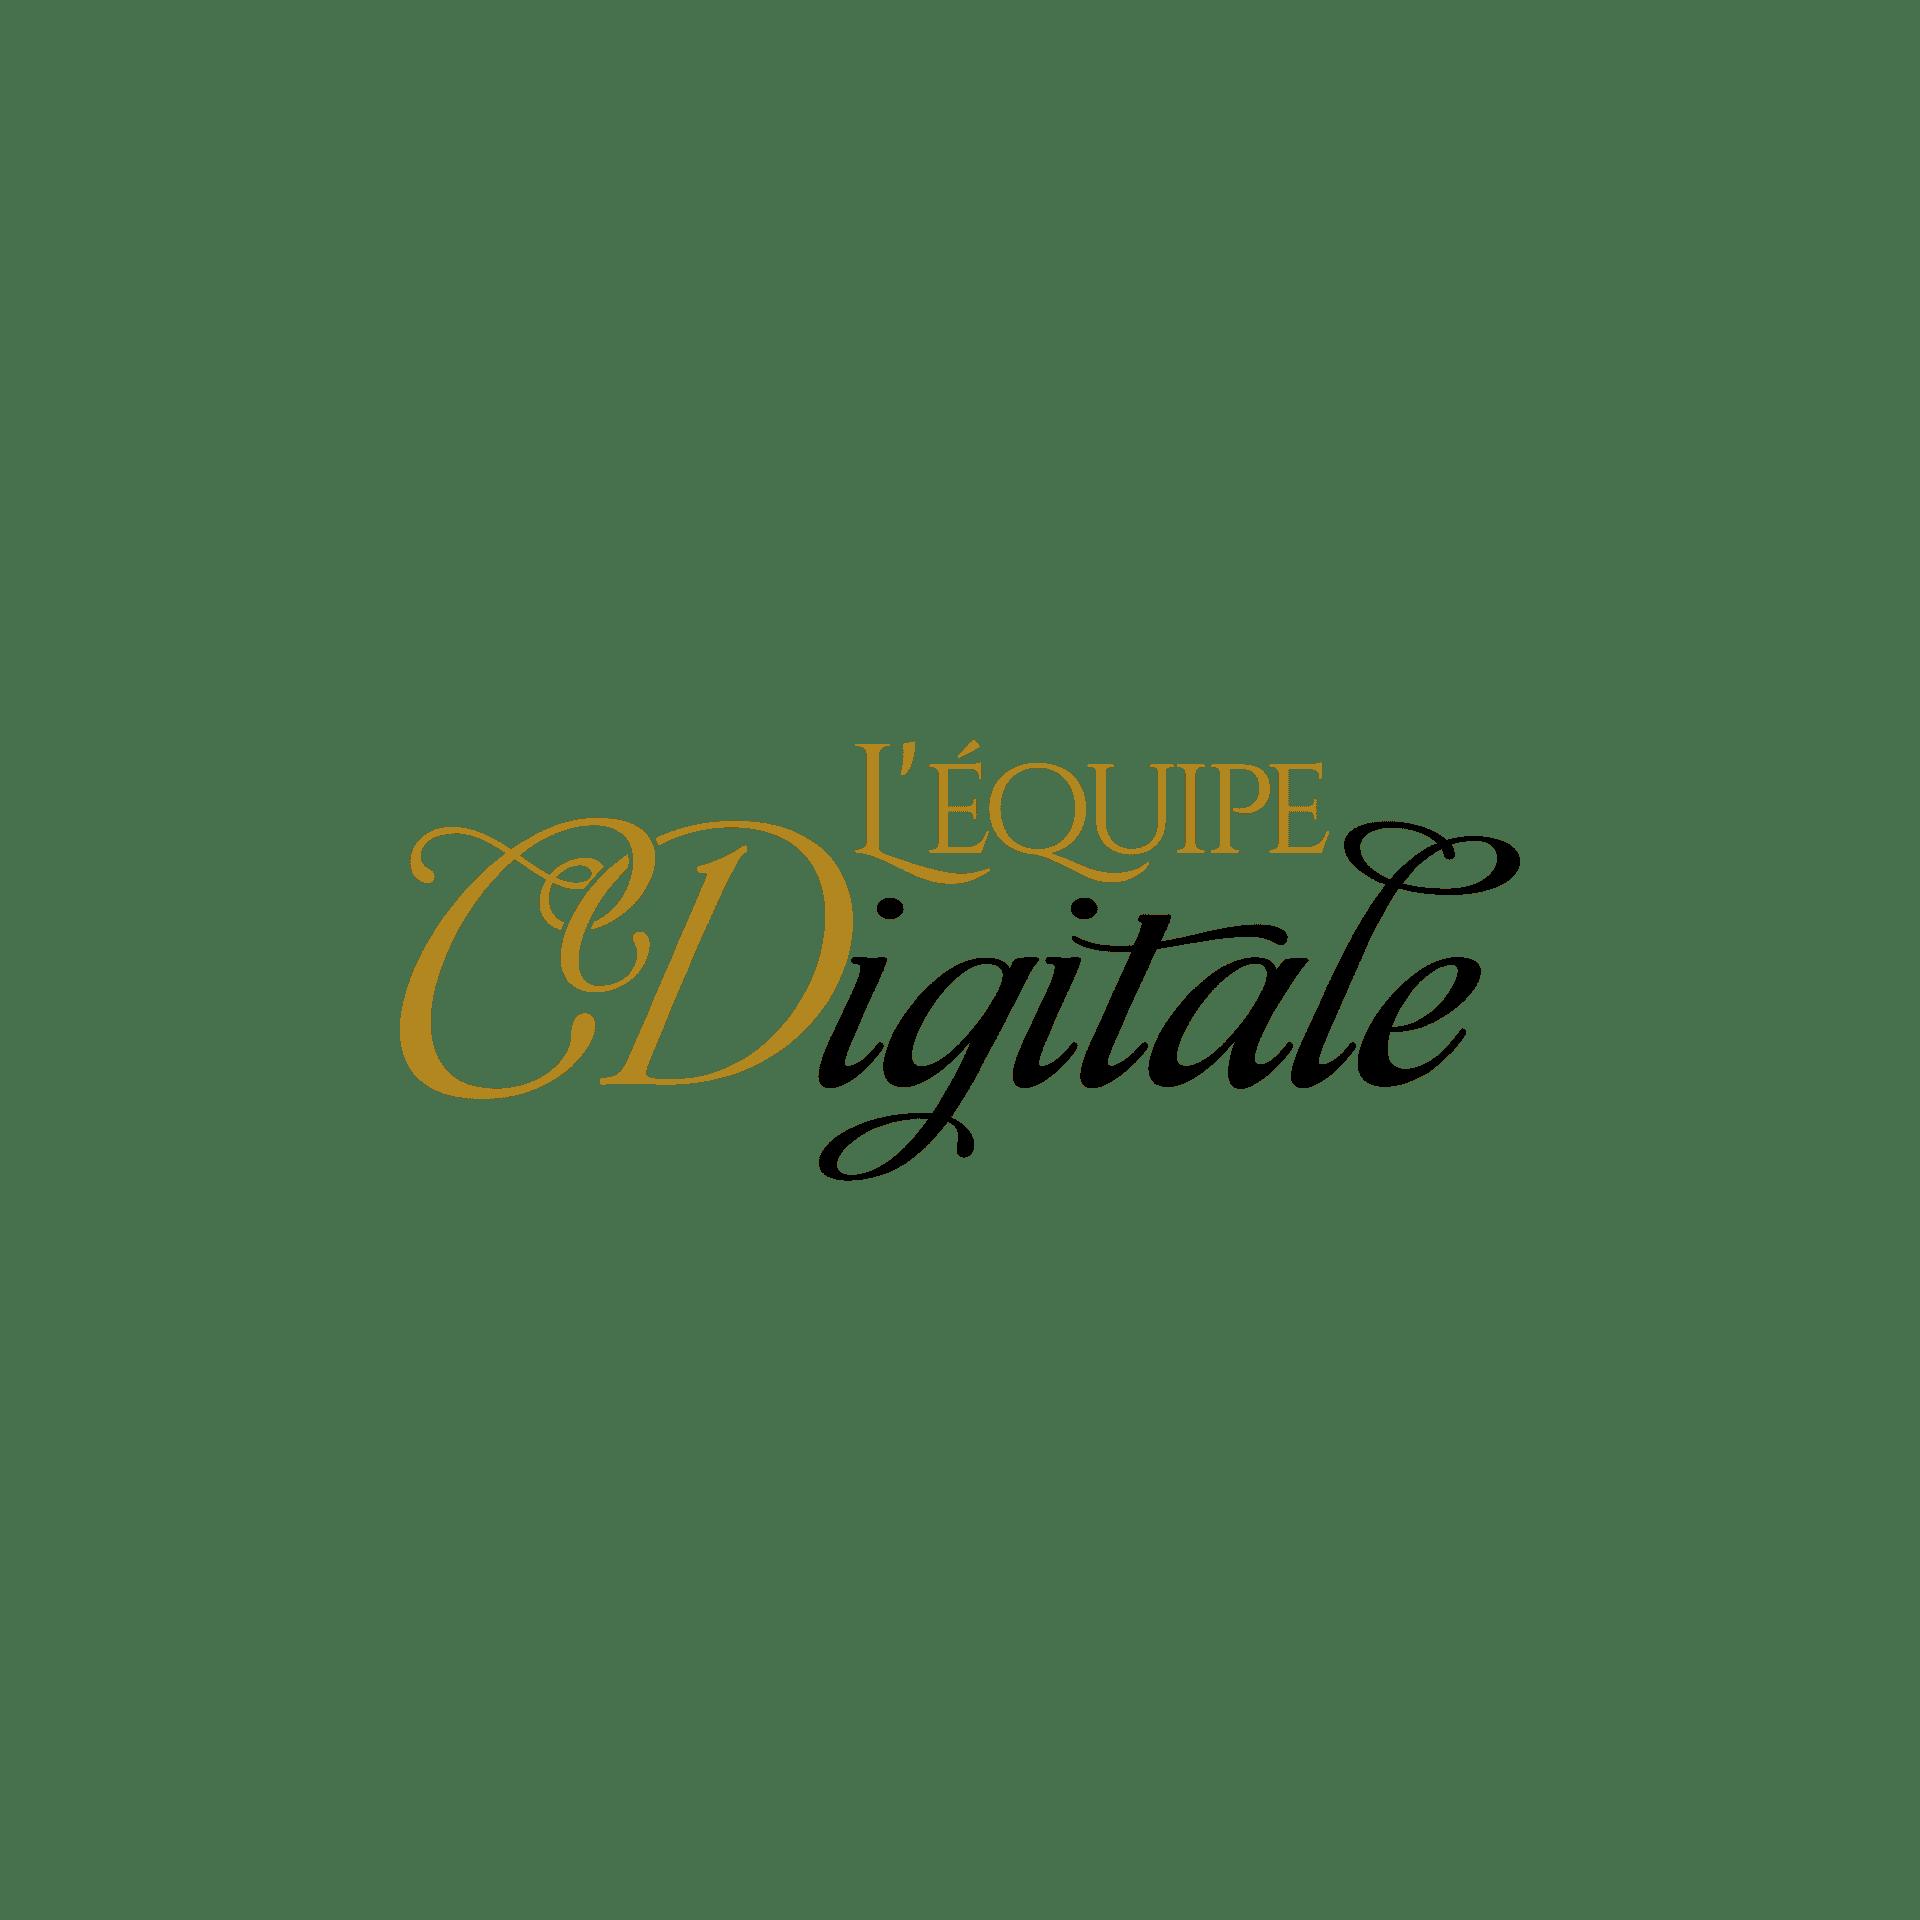 Création logo entreprise gratuit-Moderne-classe CDigitaleⓇ